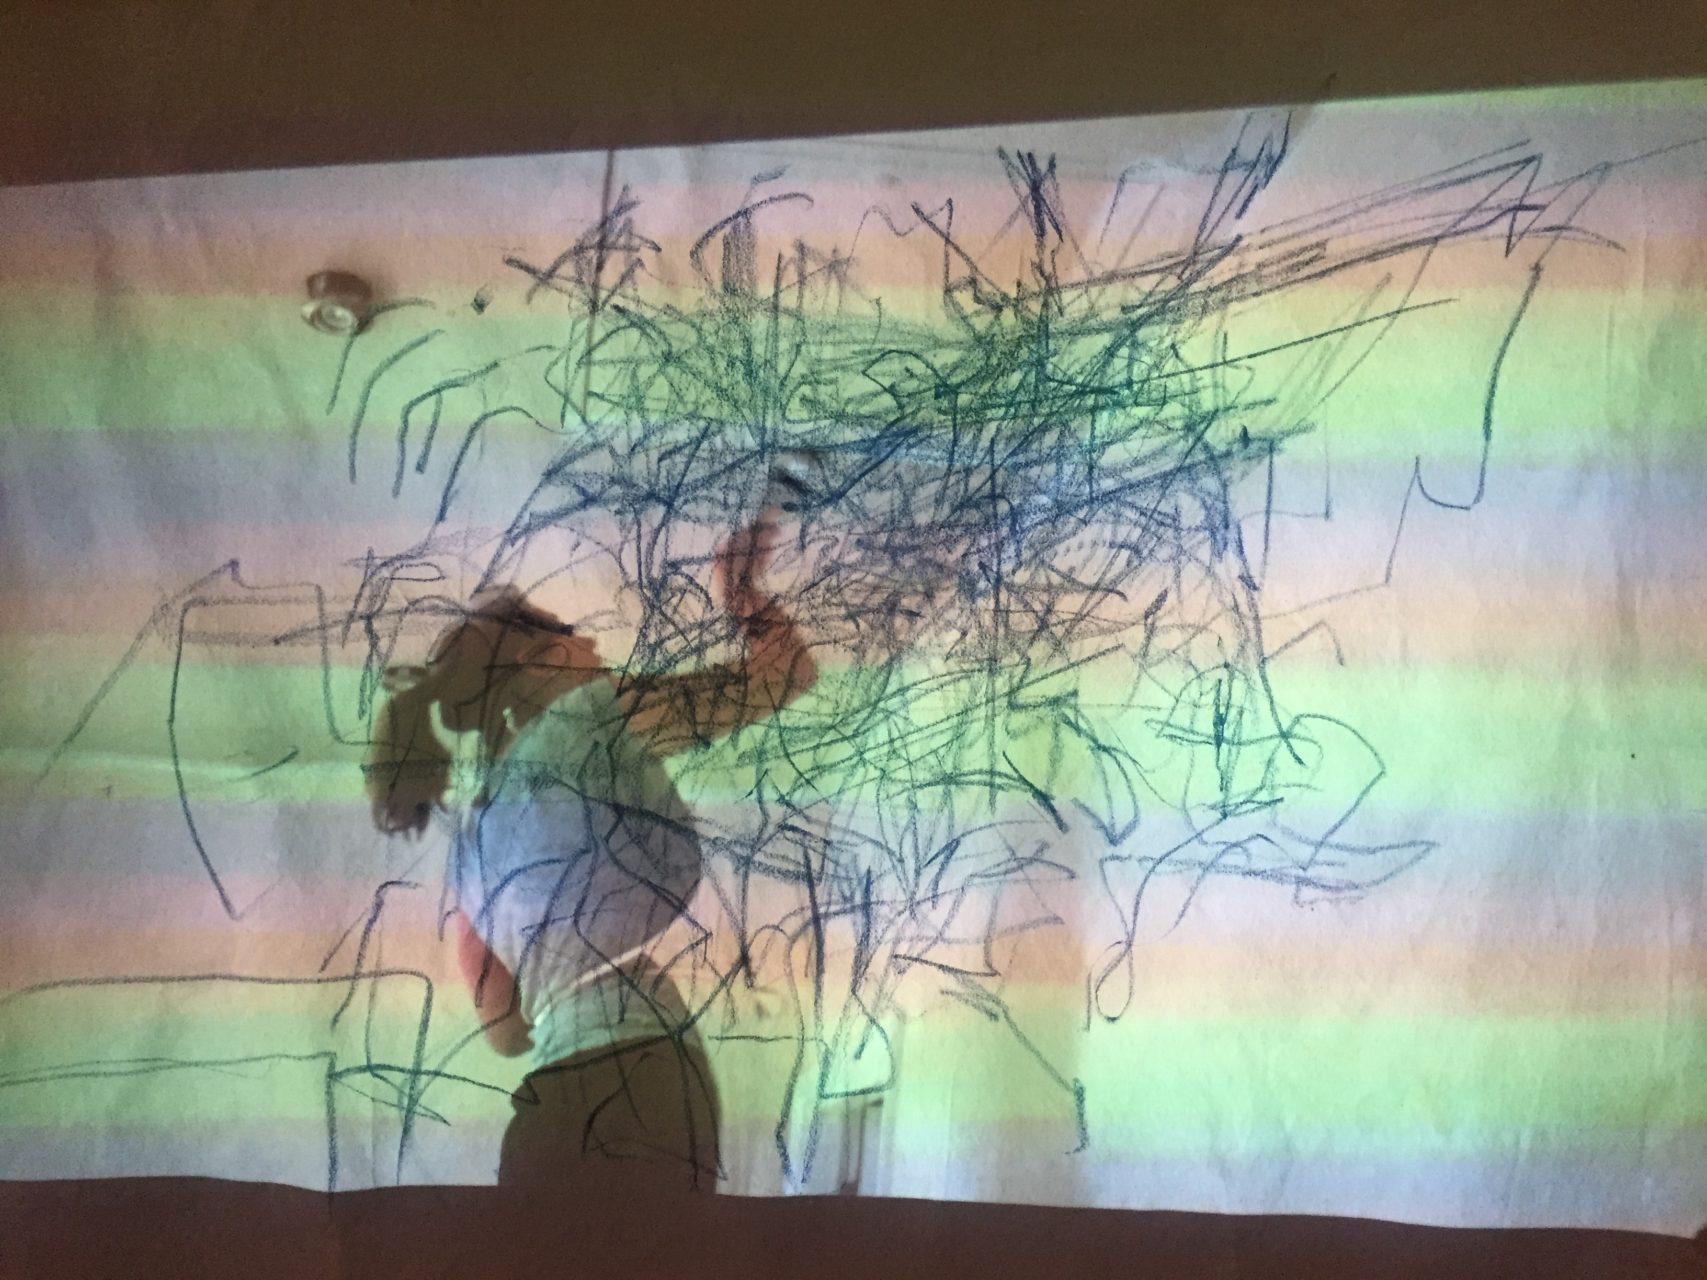 Paint & Projection